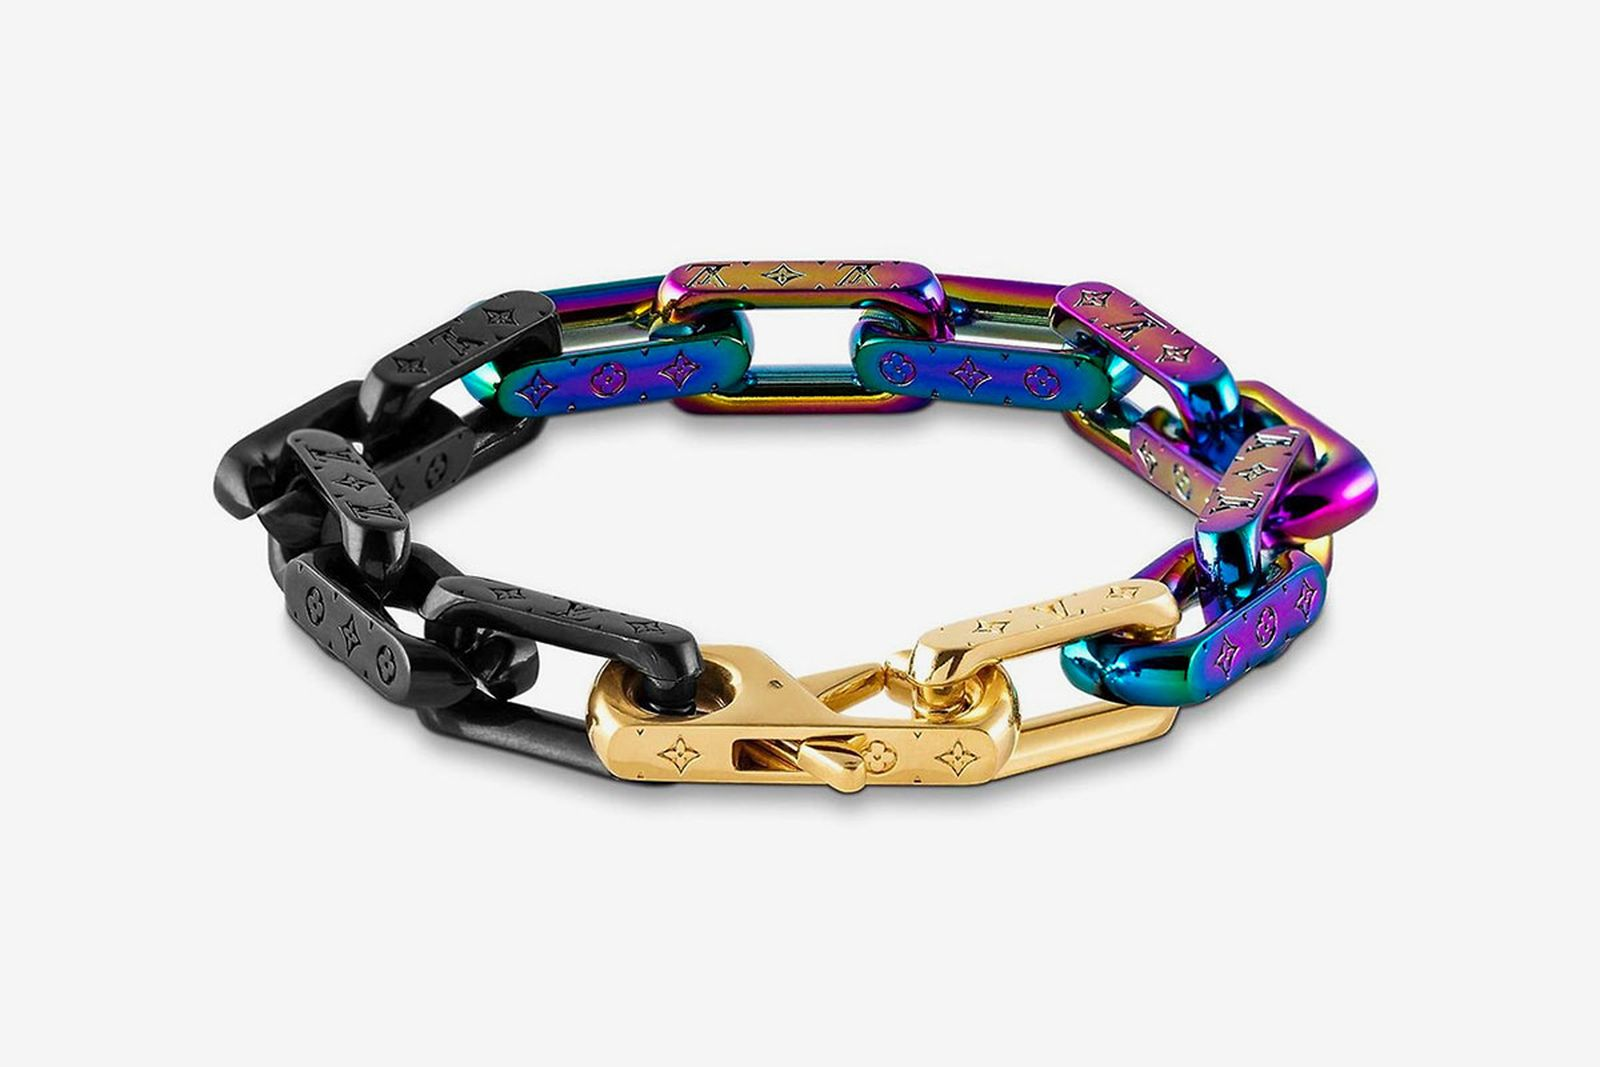 louis vuitton ss19 bracelet virgil abloh